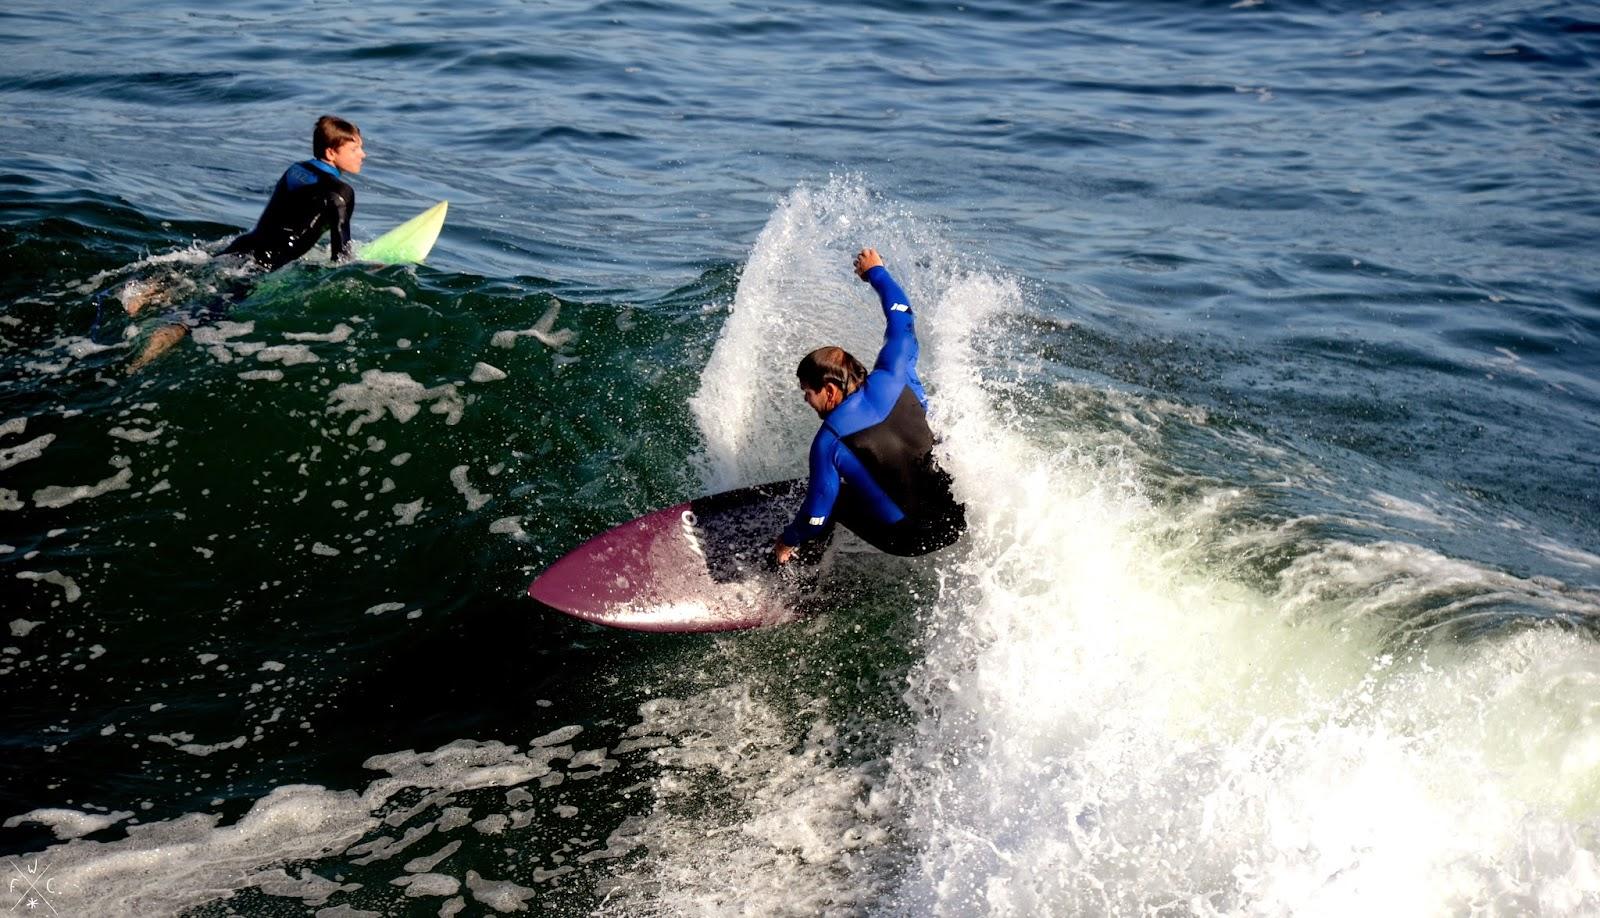 Surf - Steamer Lane - Santa Cruz, California